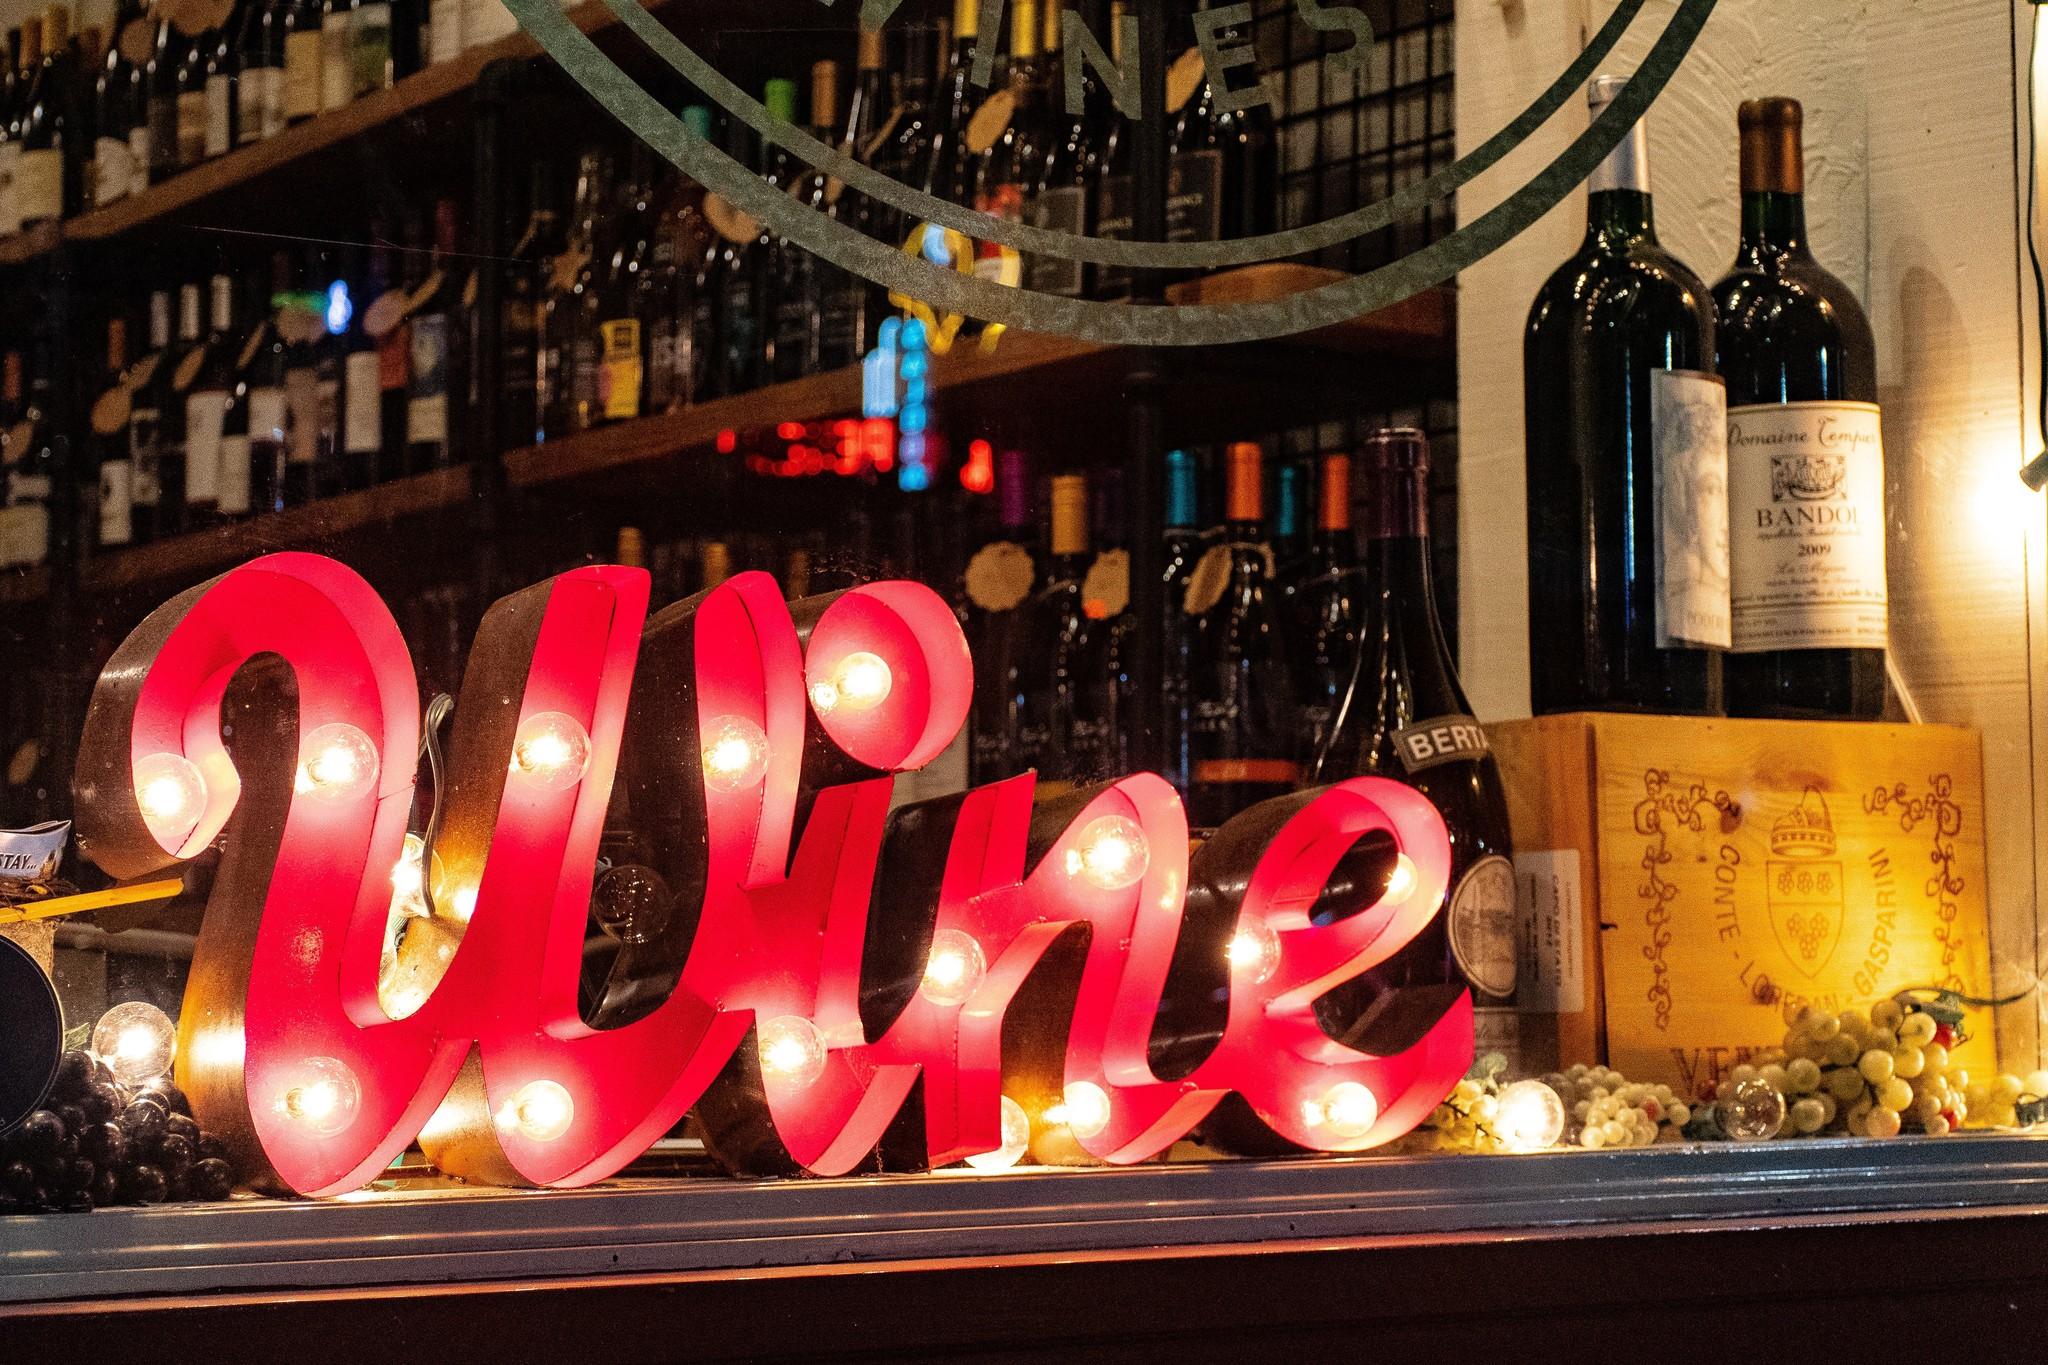 Cadeau voor wijnliefhebber? Drankcadeau helpt je!